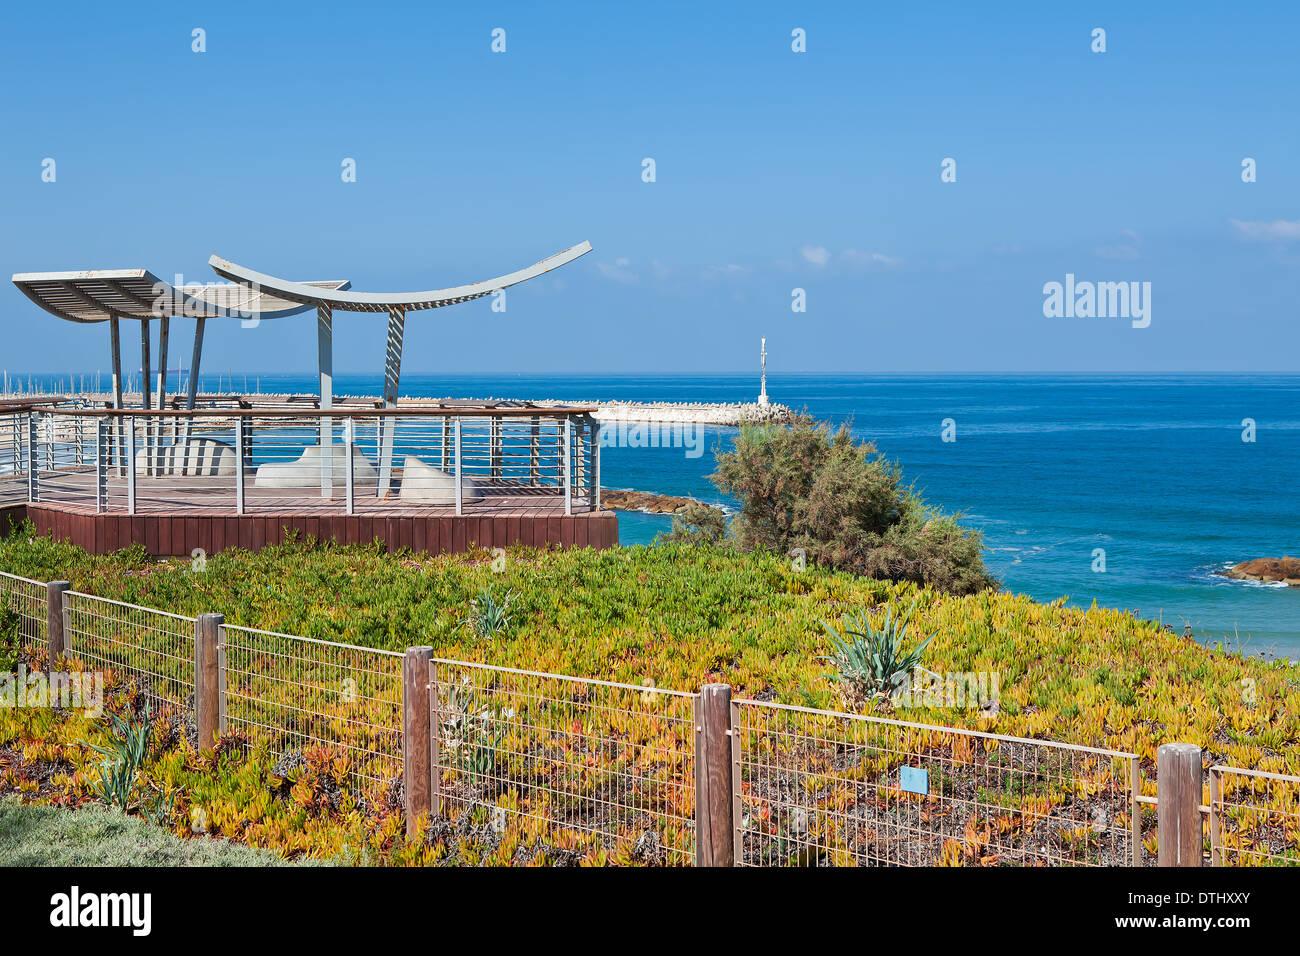 Promenade und Aussichtspunkt mit Blick auf ruhige Mittelmeer in Ashkelon, Israel. Stockbild